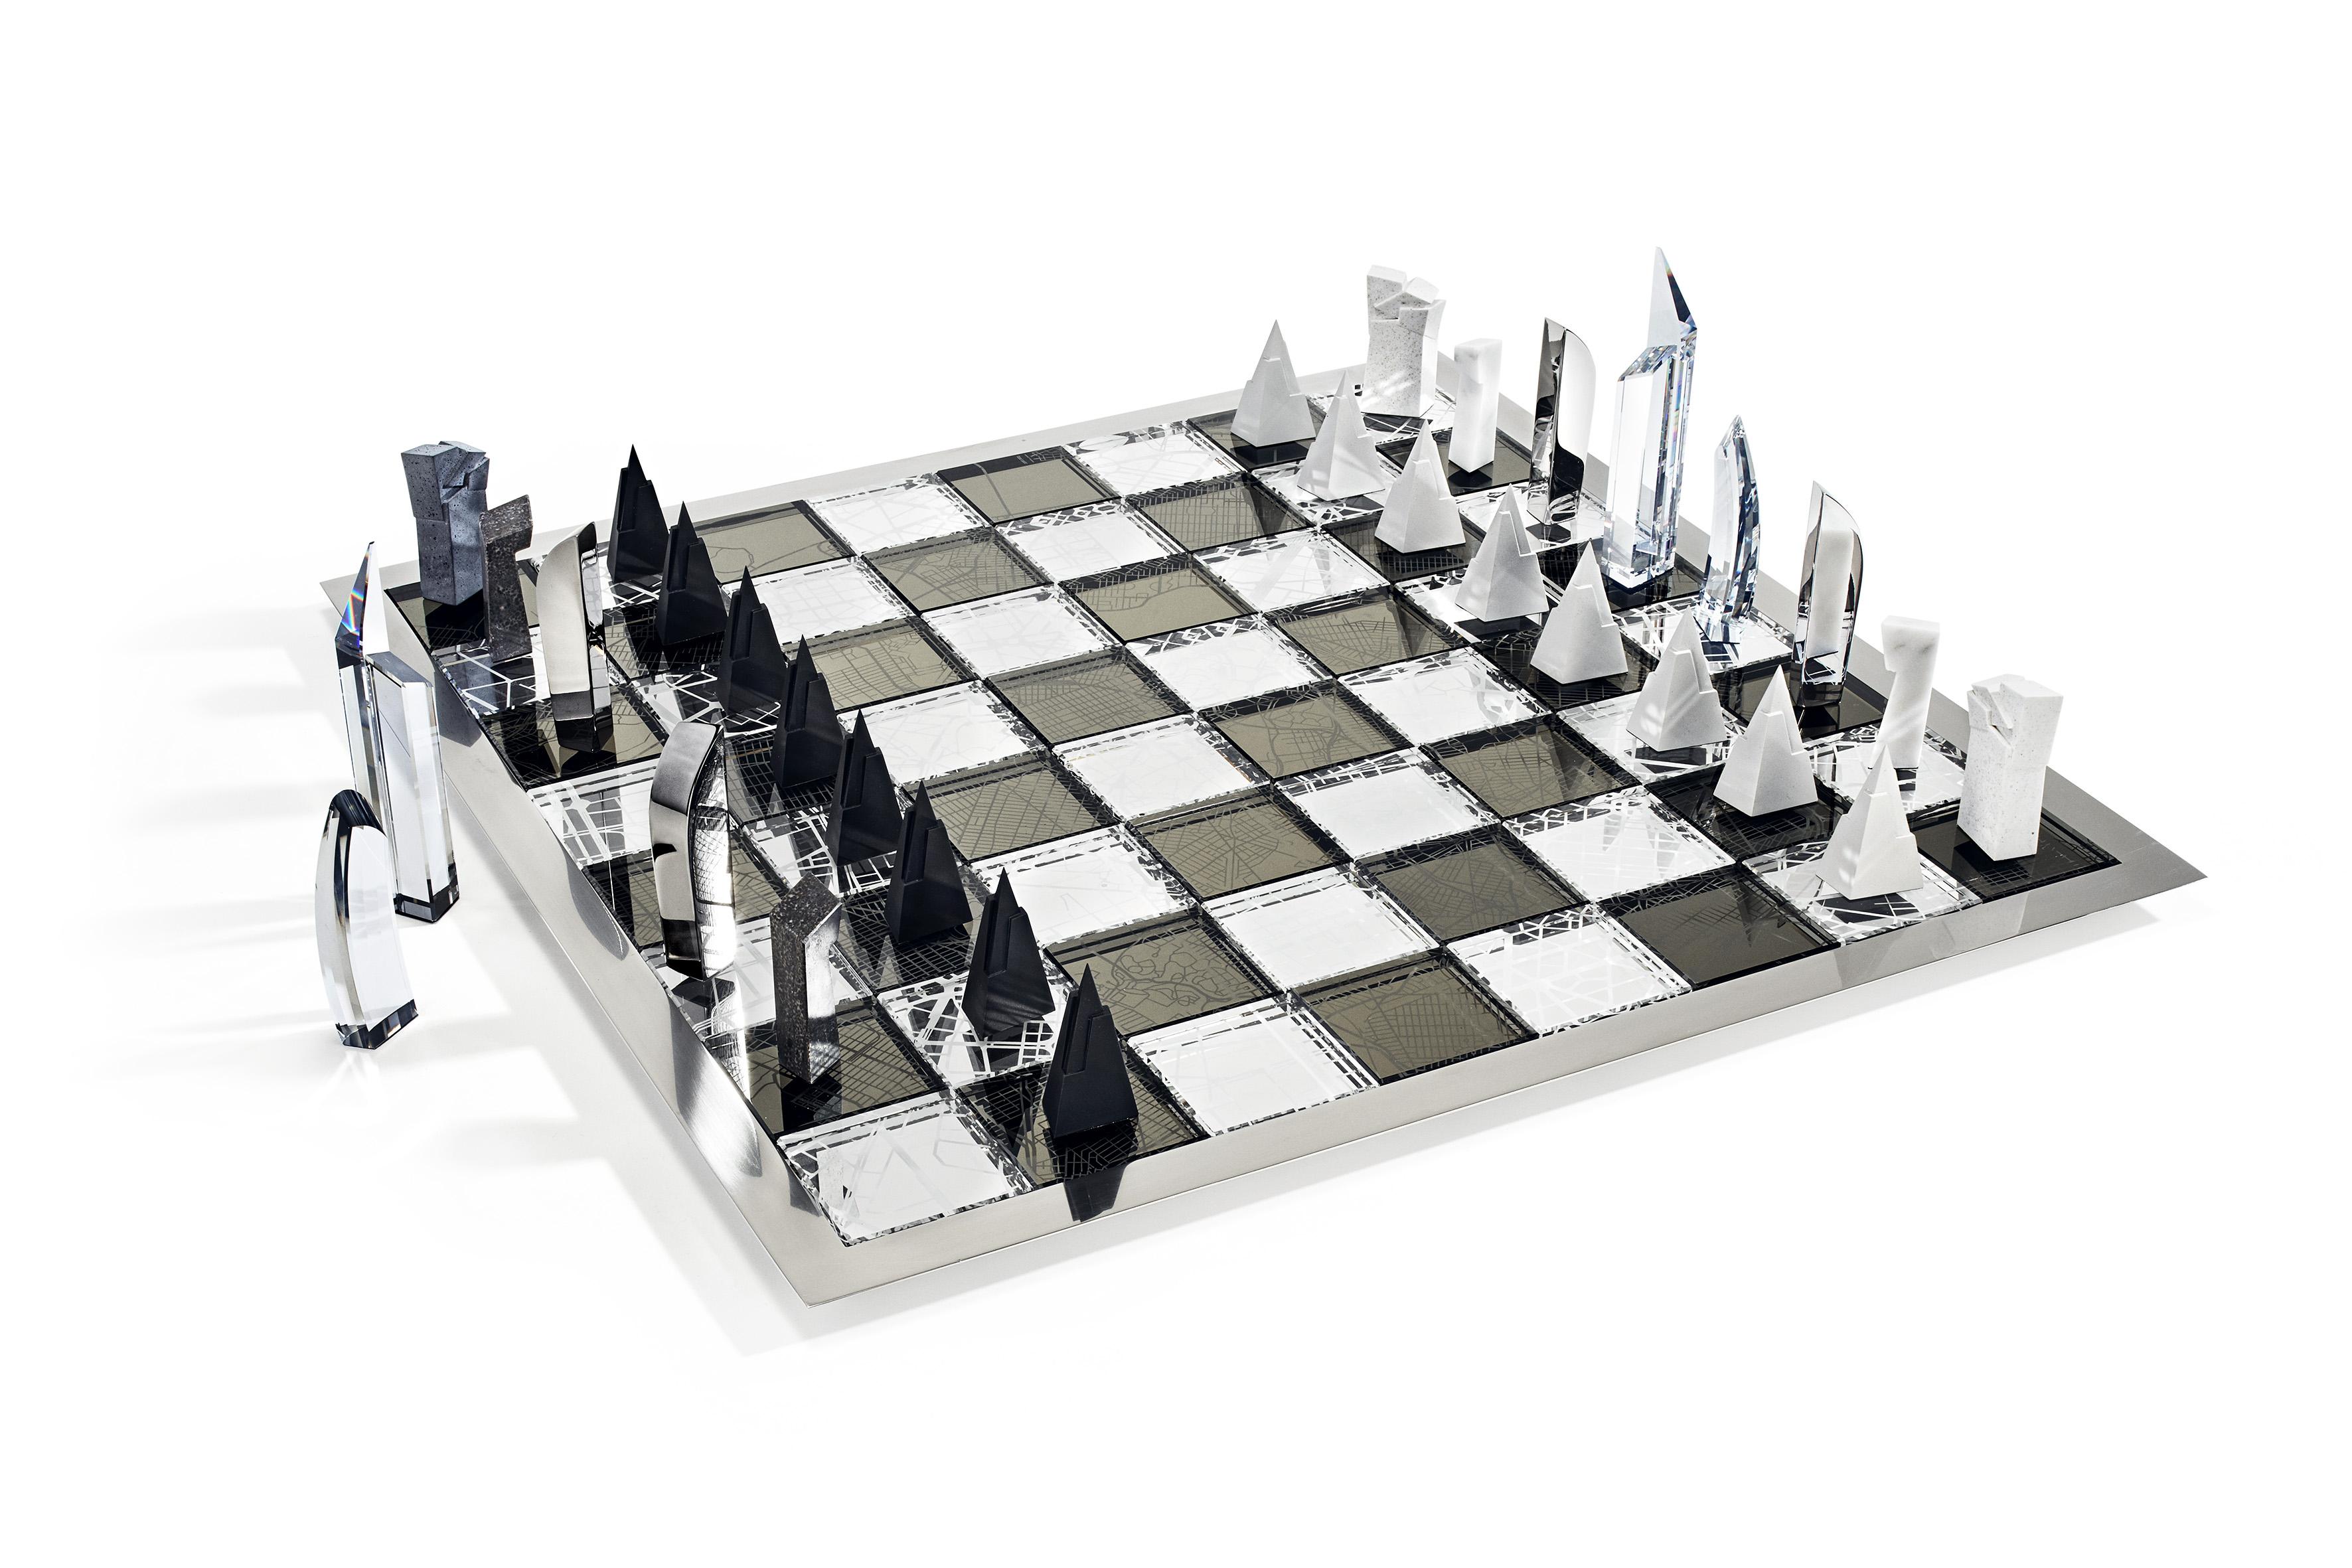 swarovski chess set libeskind. Black Bedroom Furniture Sets. Home Design Ideas